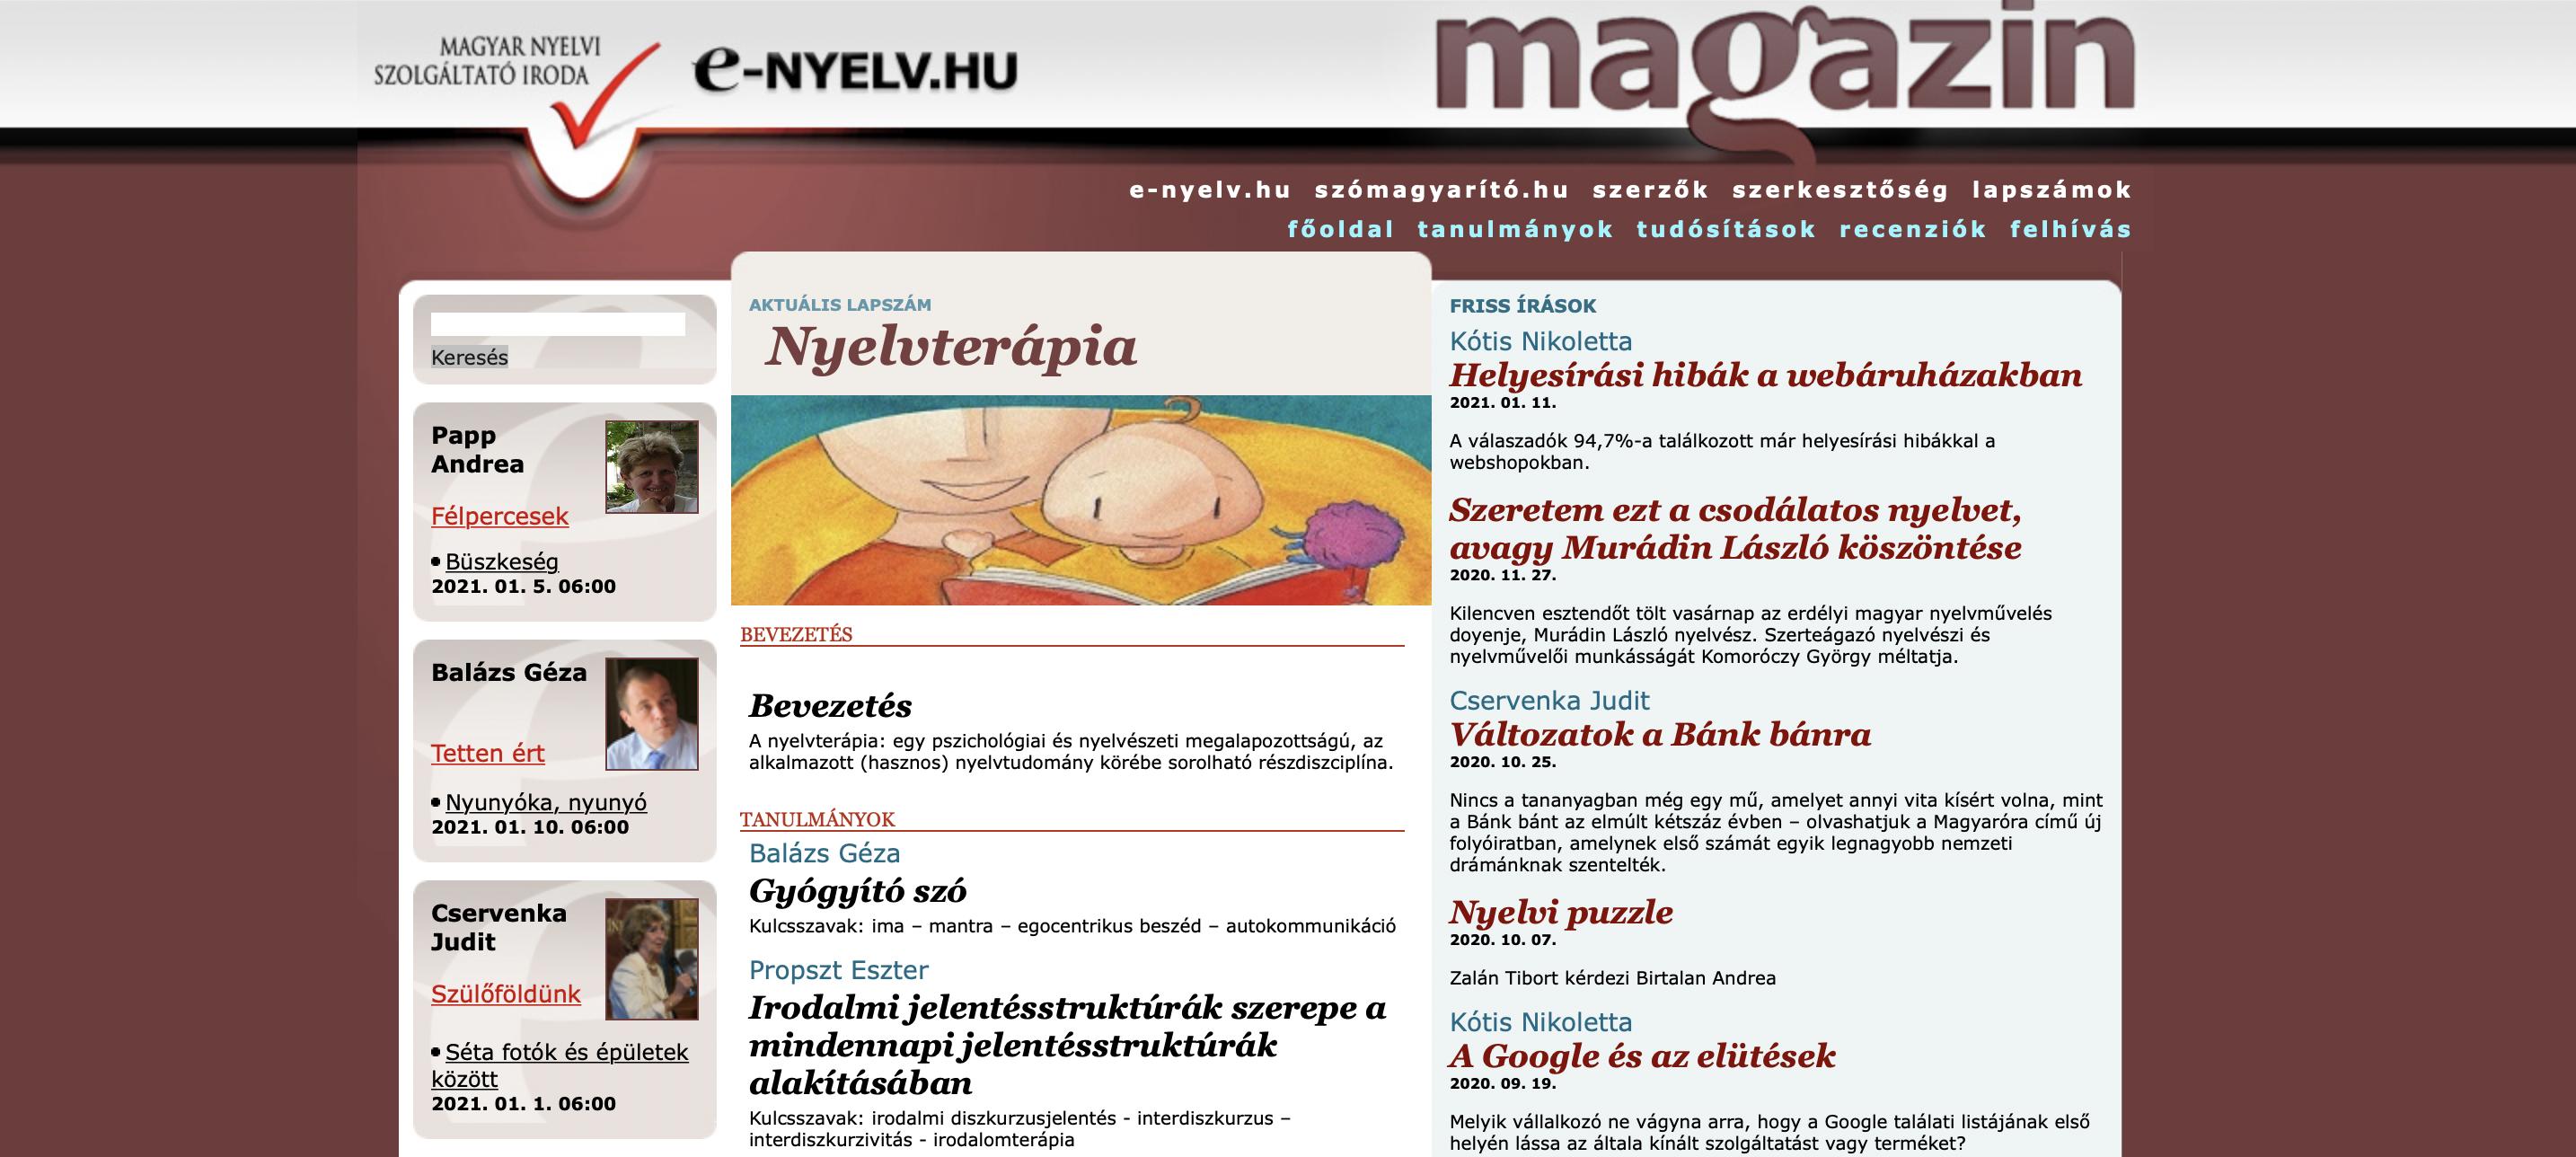 Publikáció az E-nyelv Magazin oldalán: Helyesírási hibák a webáruházakban (szerző: Kótis Nikoletta)